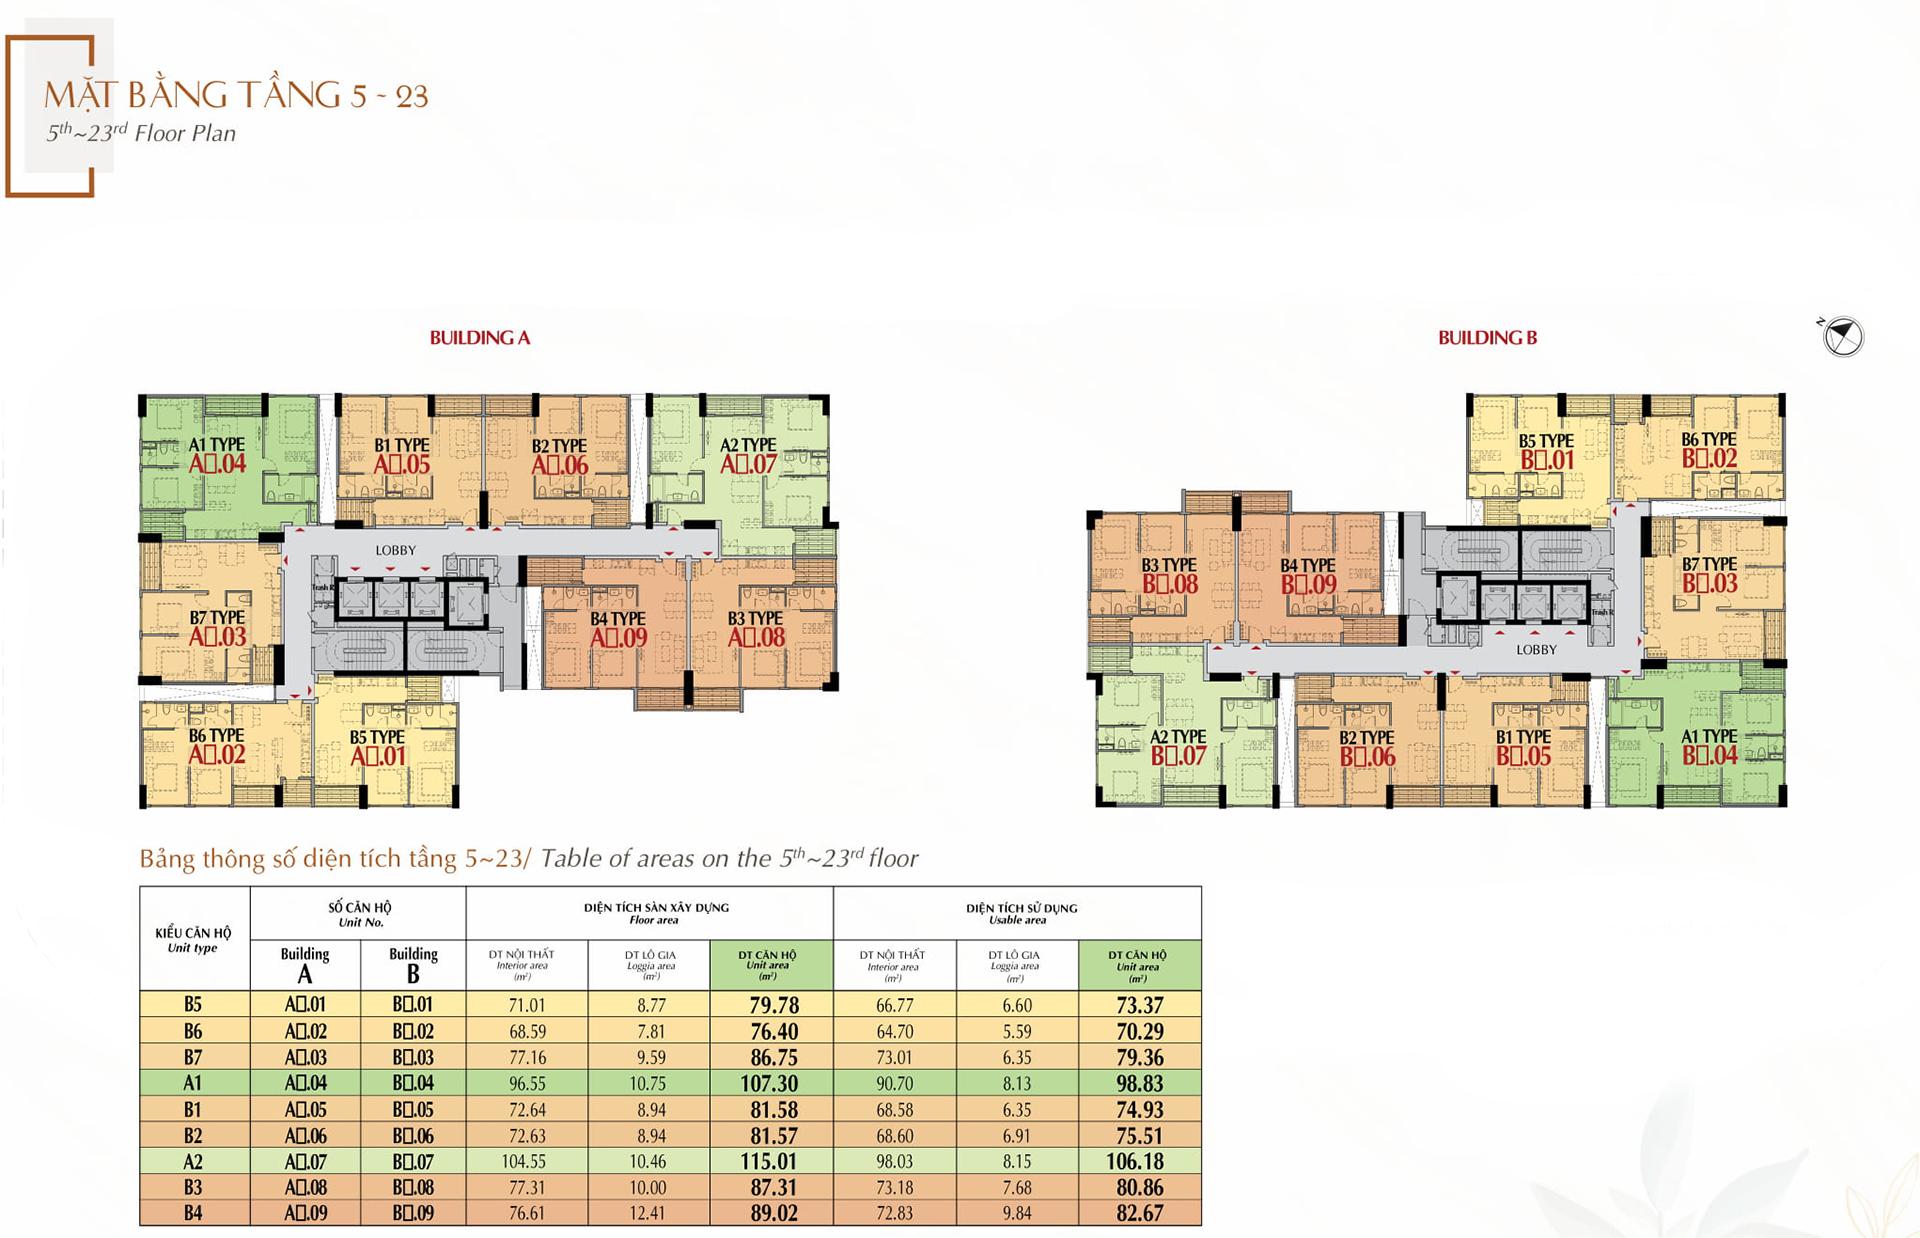 mặt bằng tầng 5 - 23 dự án the antonia